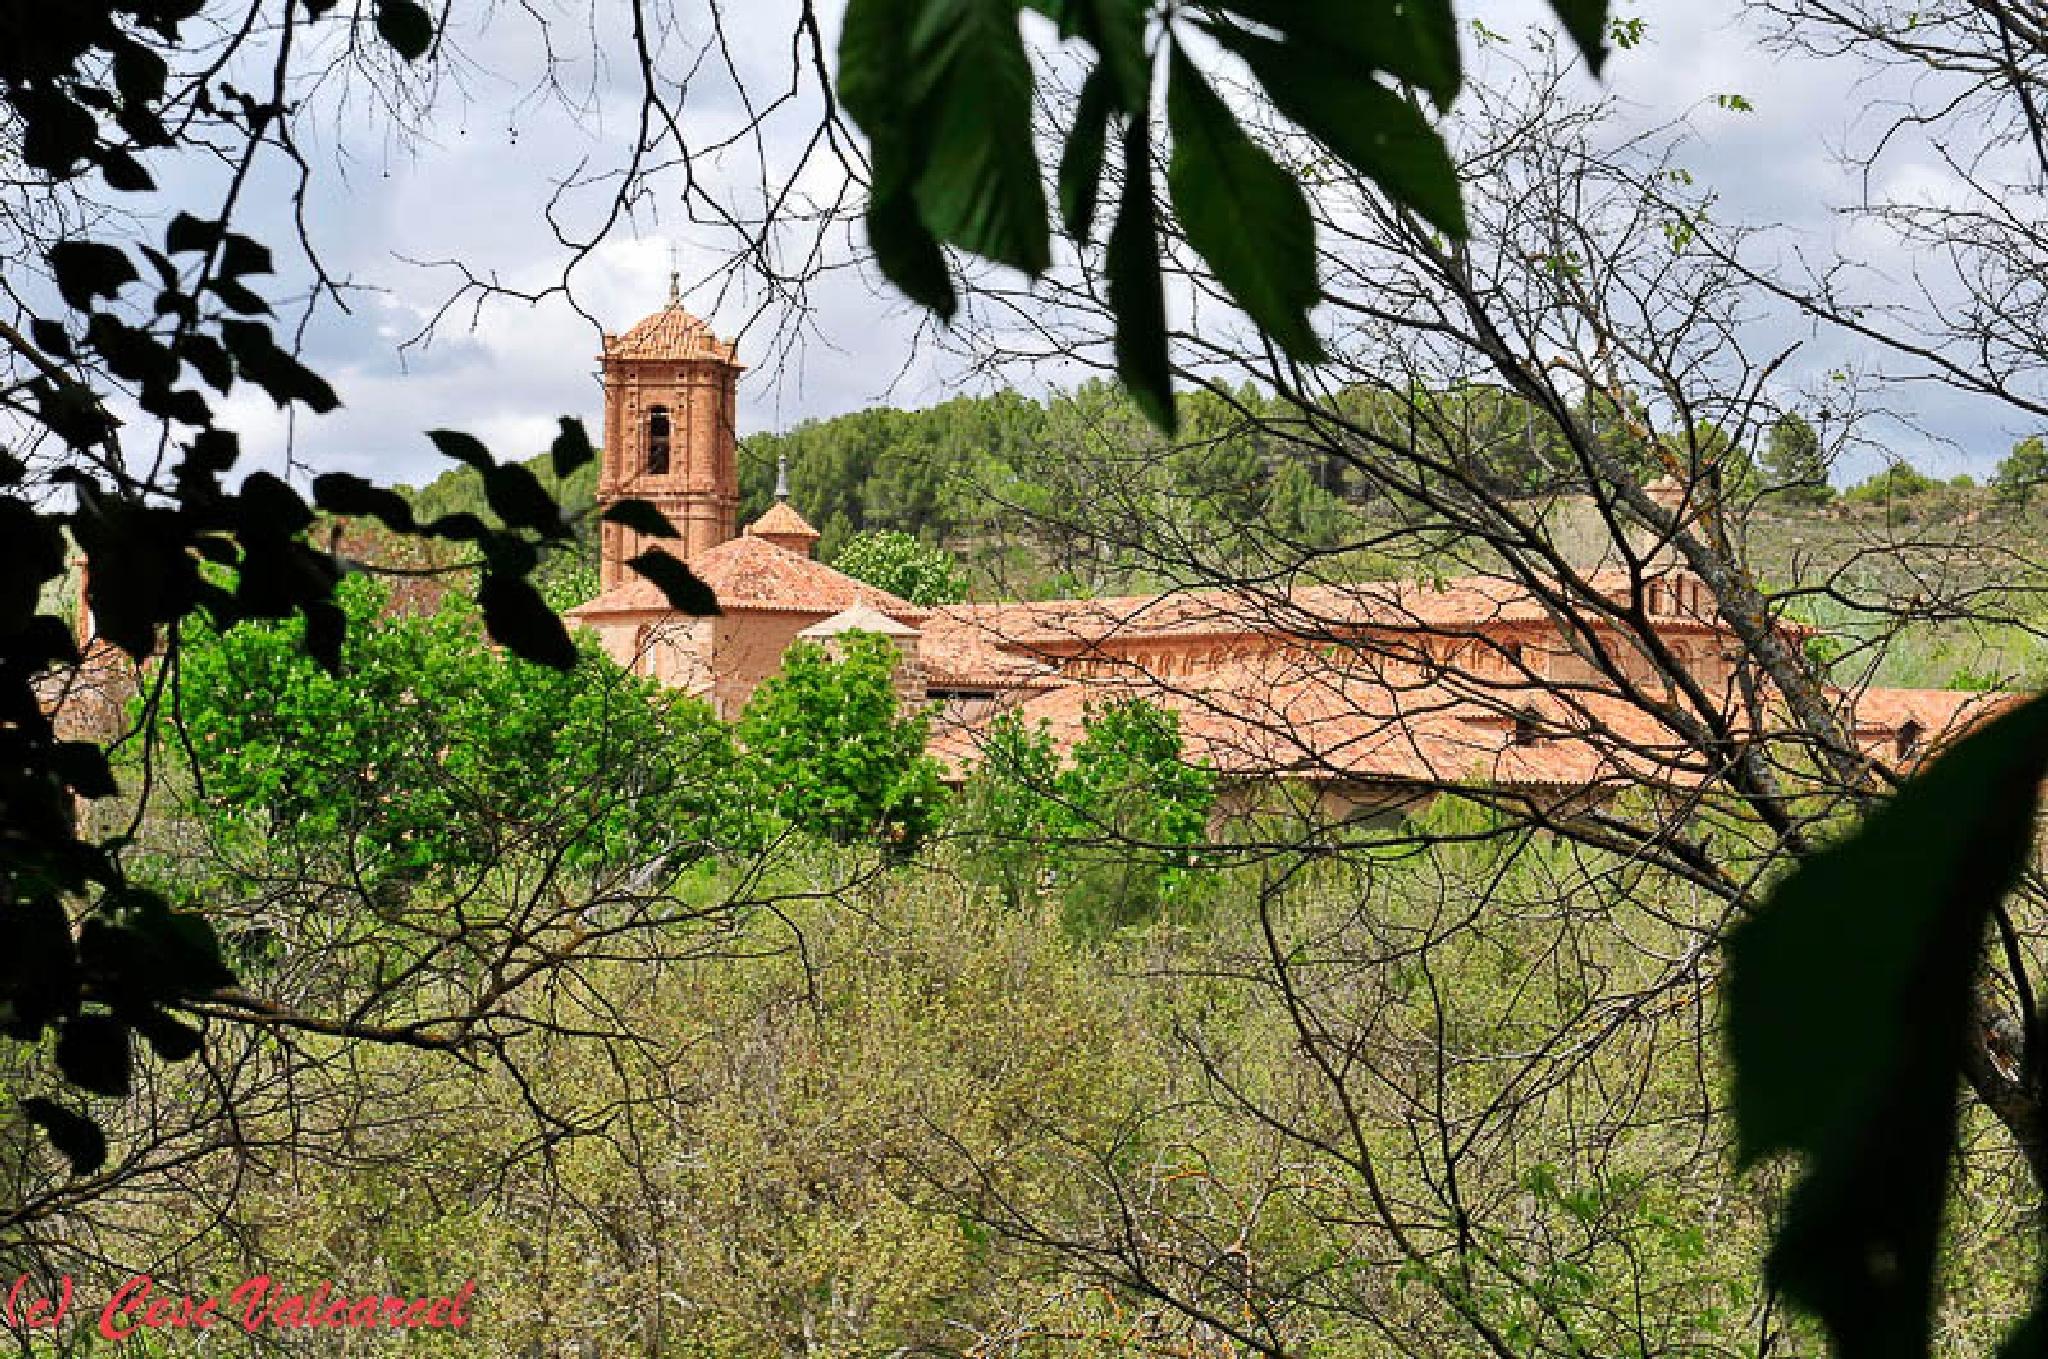 Monasterio de piedra 5 by Cesc Valcarcel